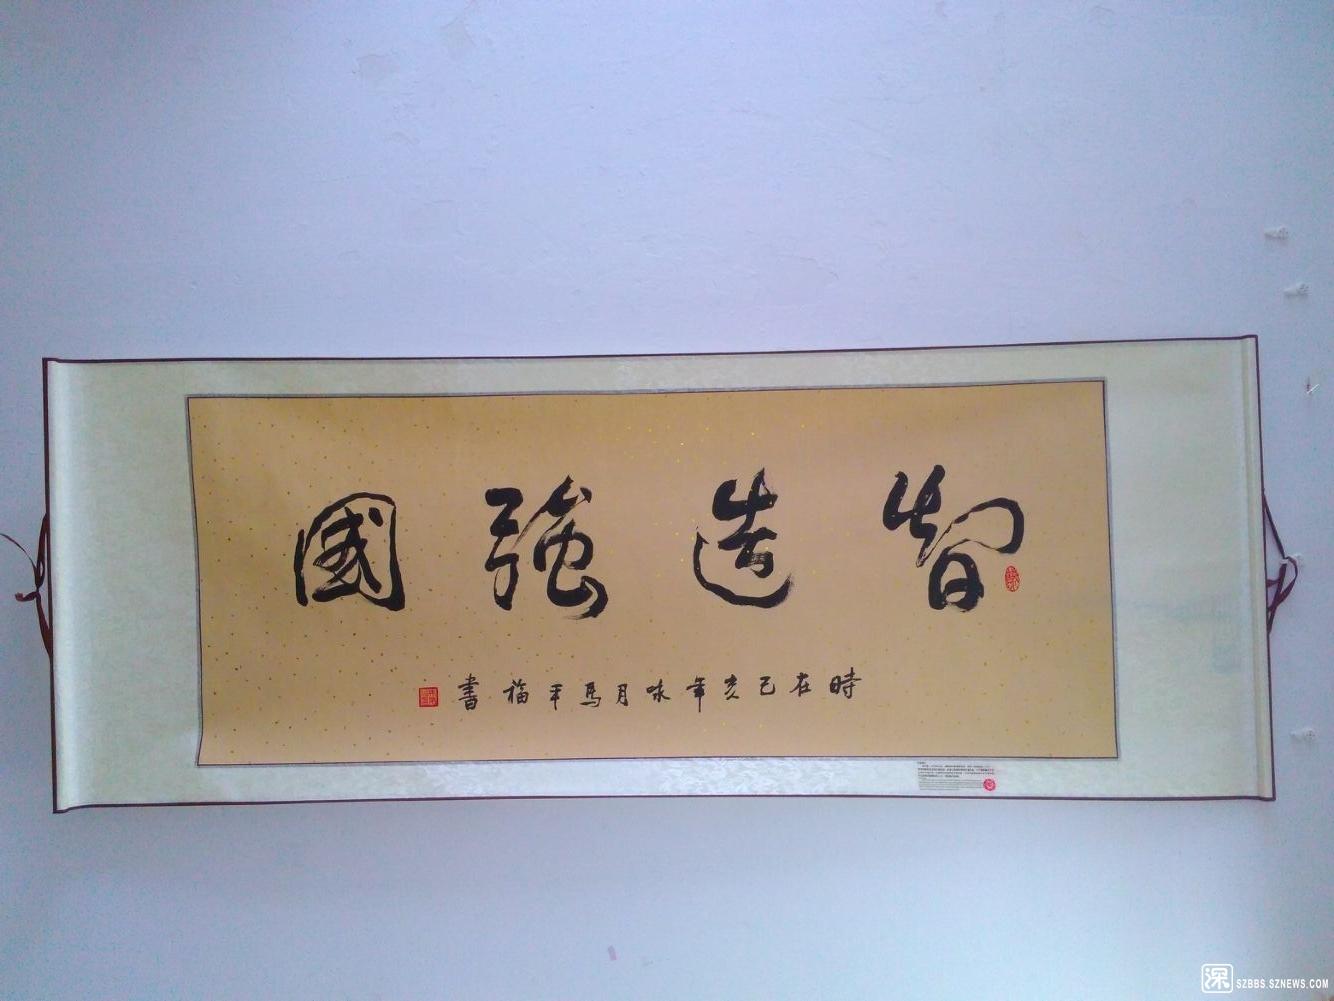 马平福 国际知名书画家 收藏级艺术品2154.jpg